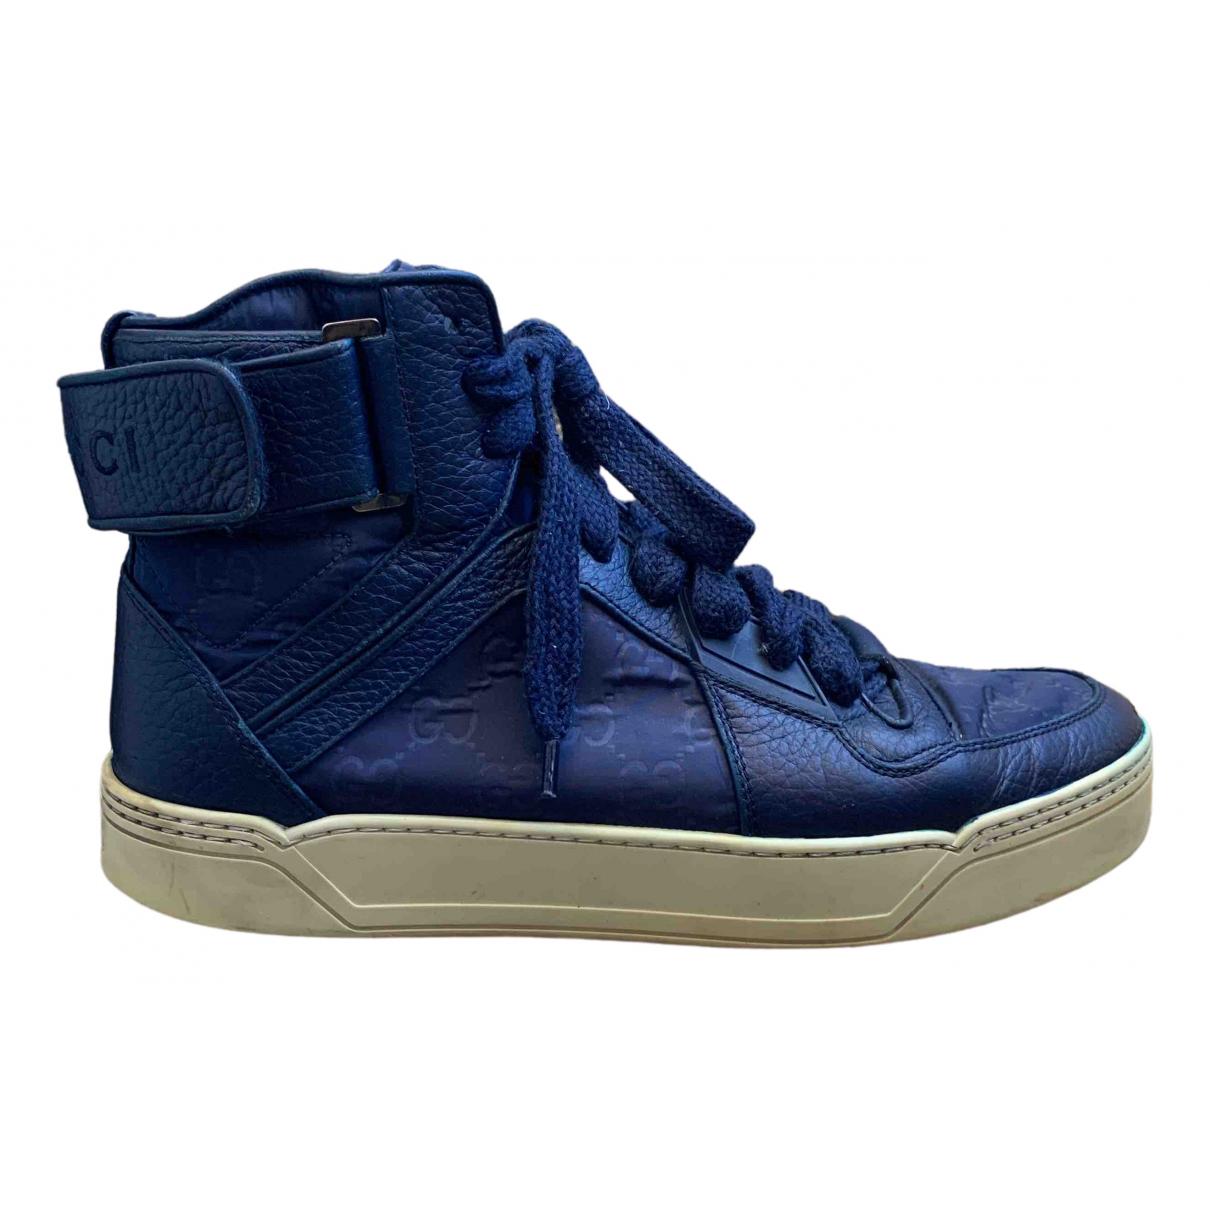 Gucci - Baskets   pour homme en cuir - bleu